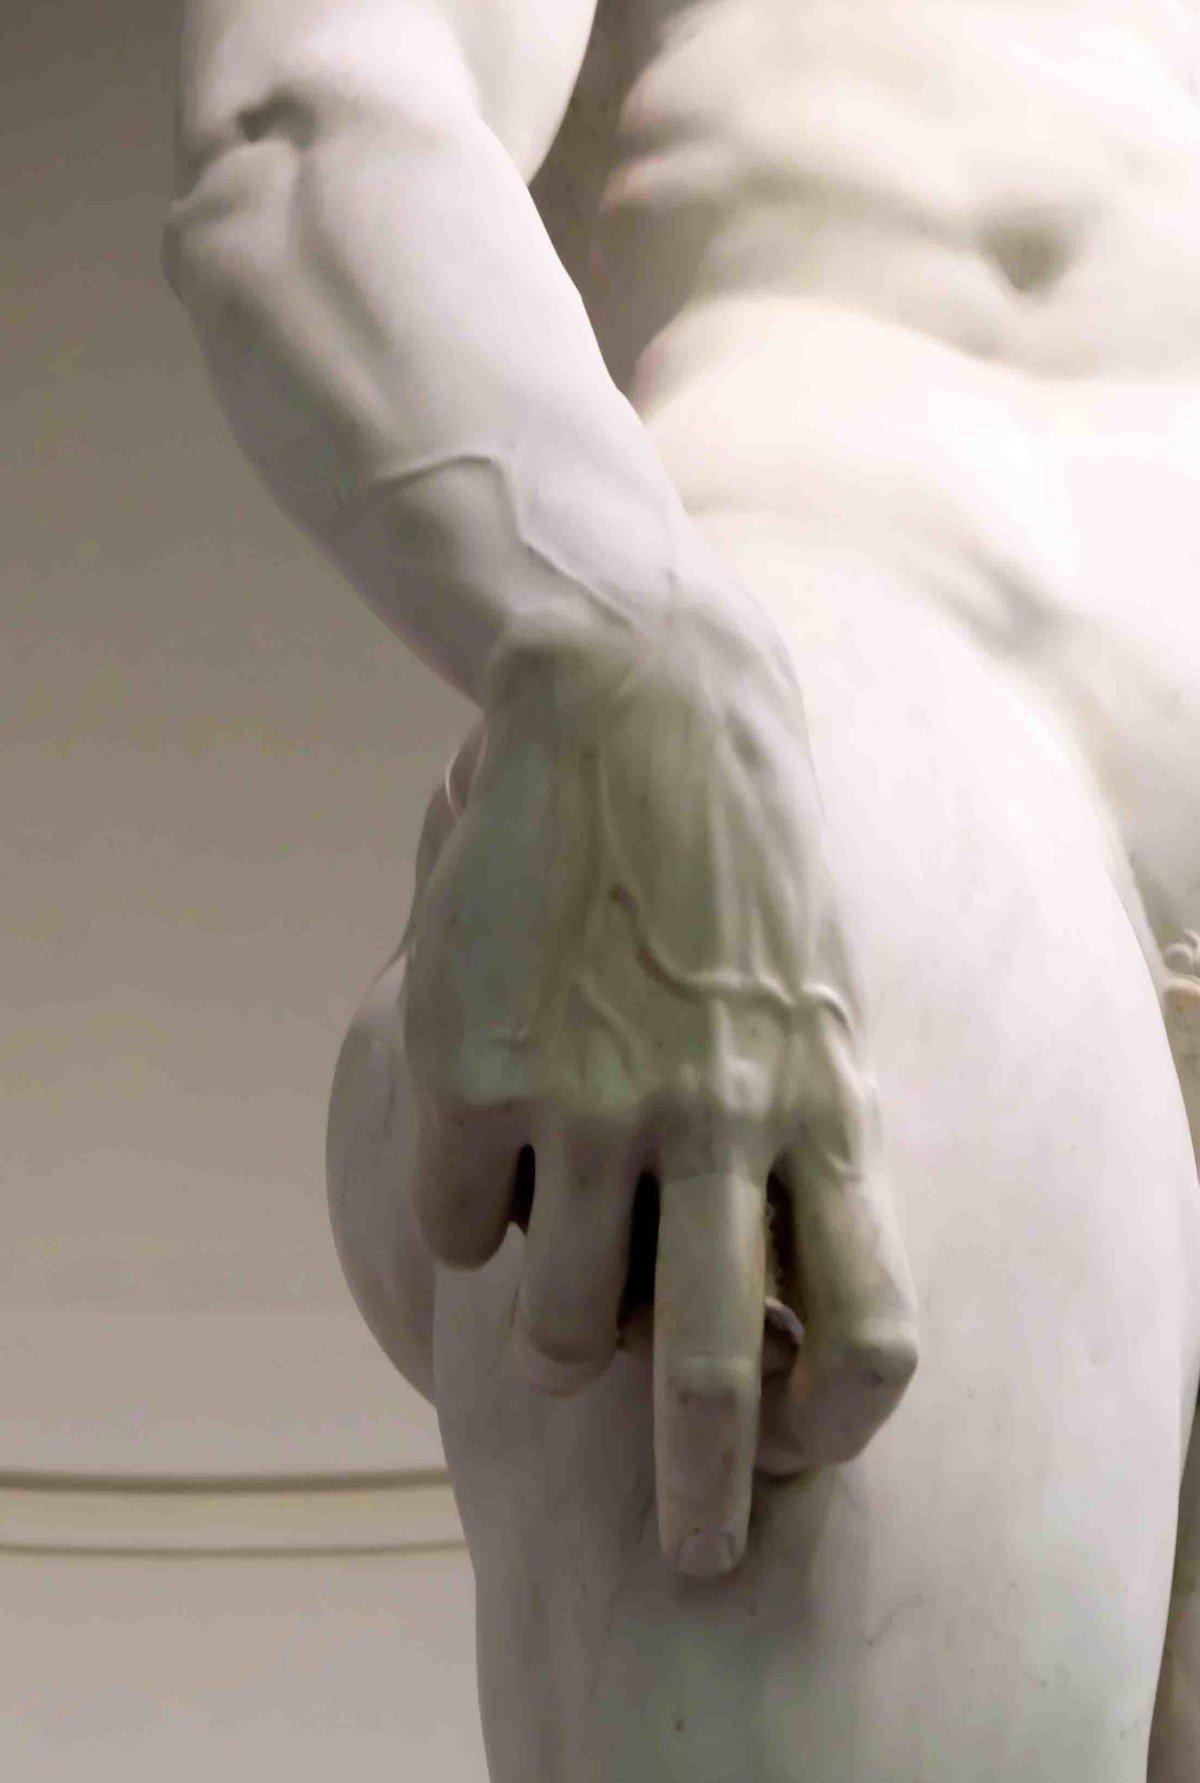 The hand of Michelangelo's David